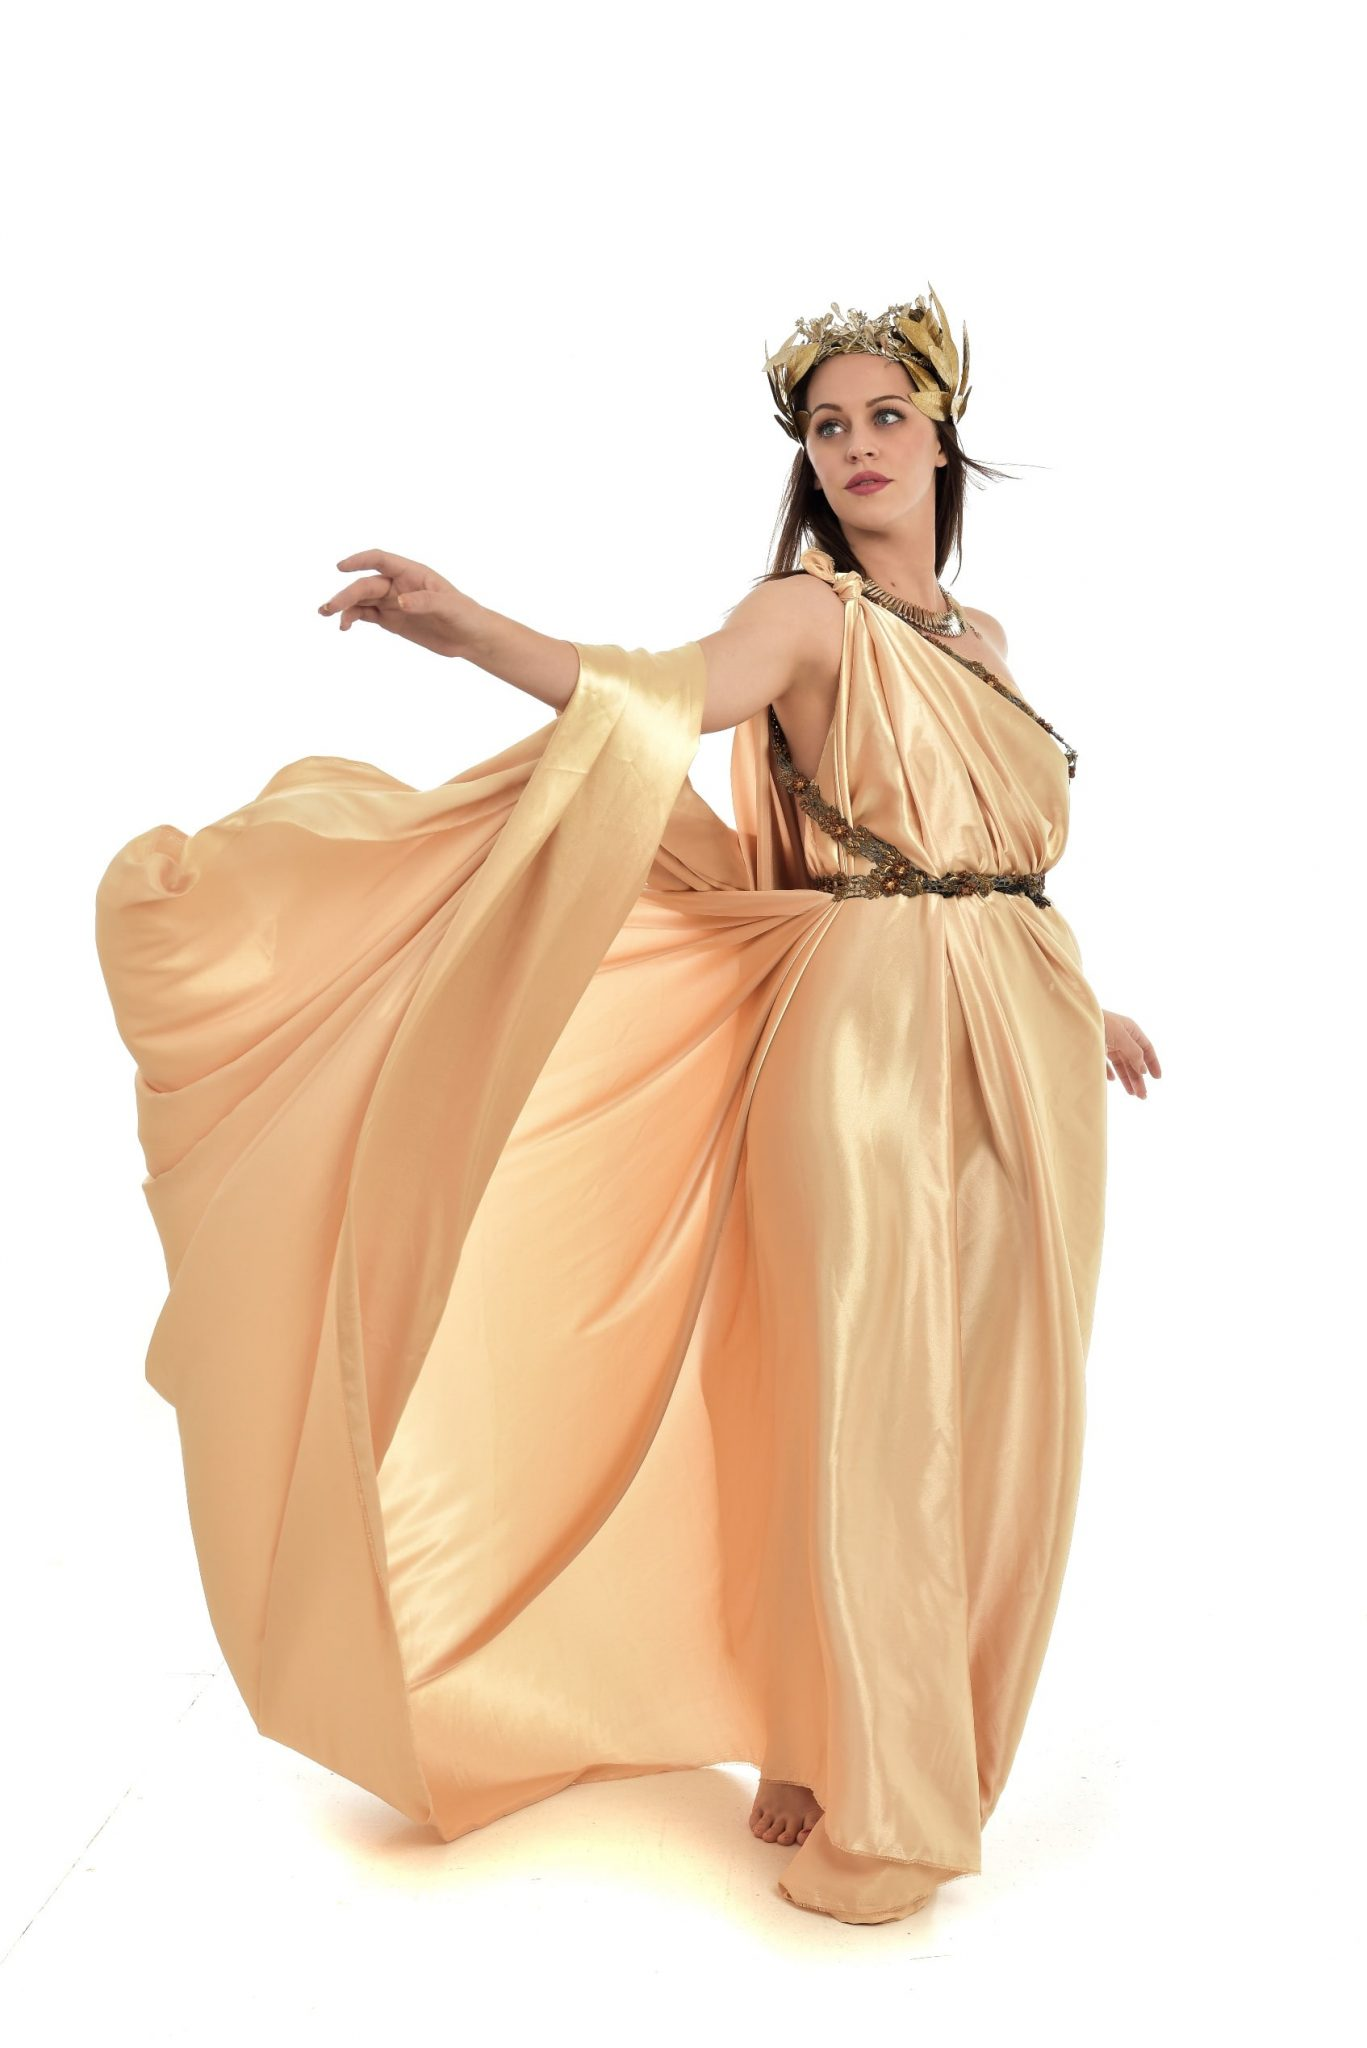 Junge Frau im Altgriechischem Gewand aus goldfarbenem Stock